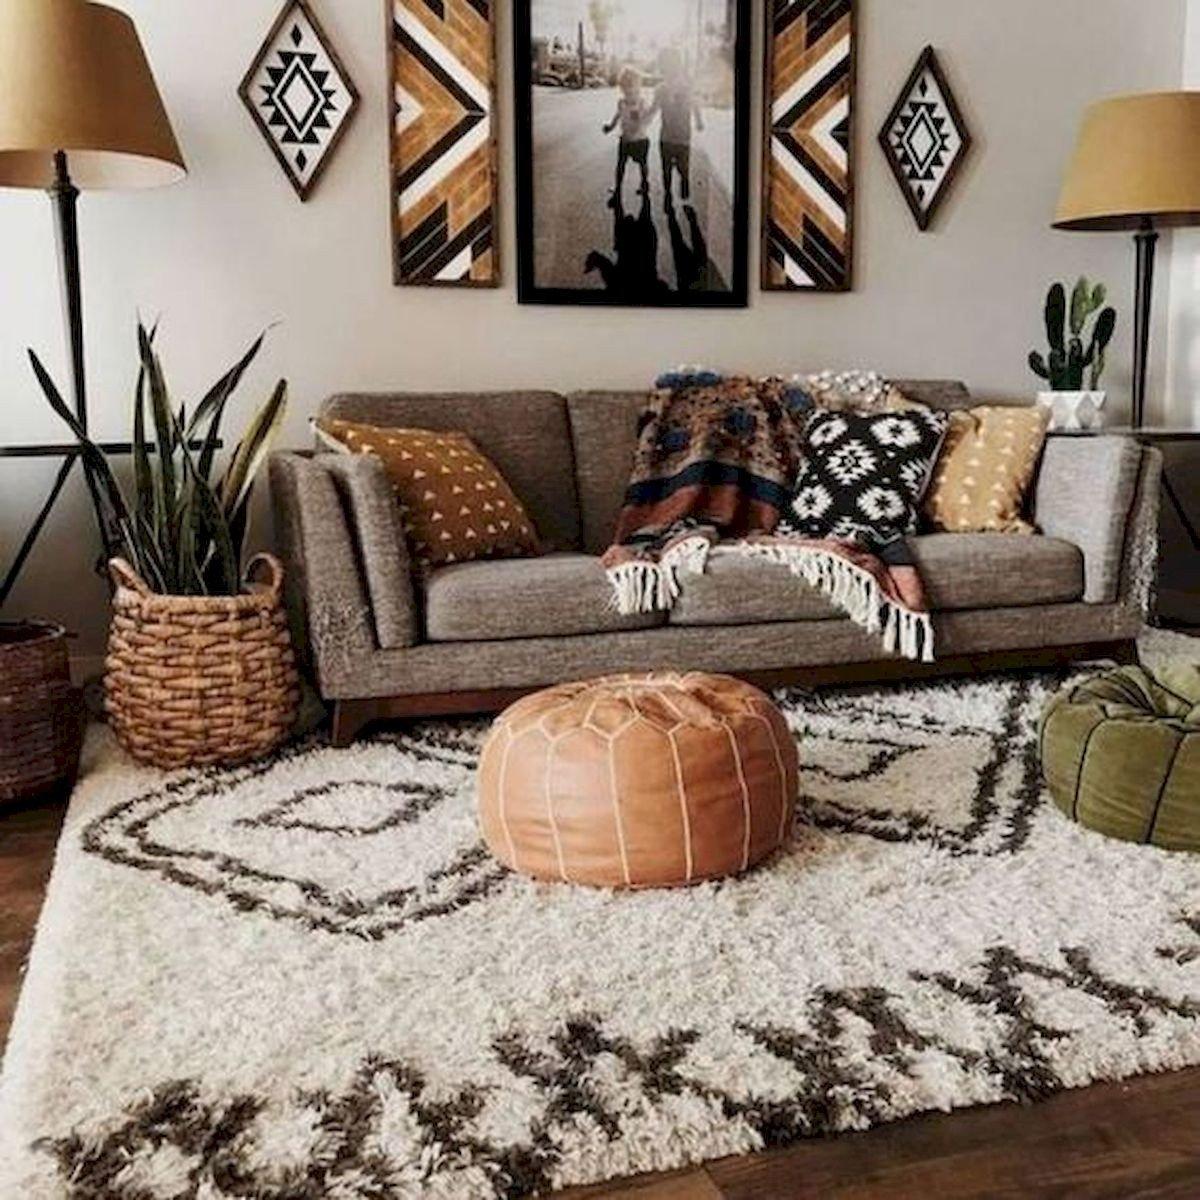 Ideas for Living Room Decor Lovely 55 Bohemian Living Room Decor Ideas Googodecor